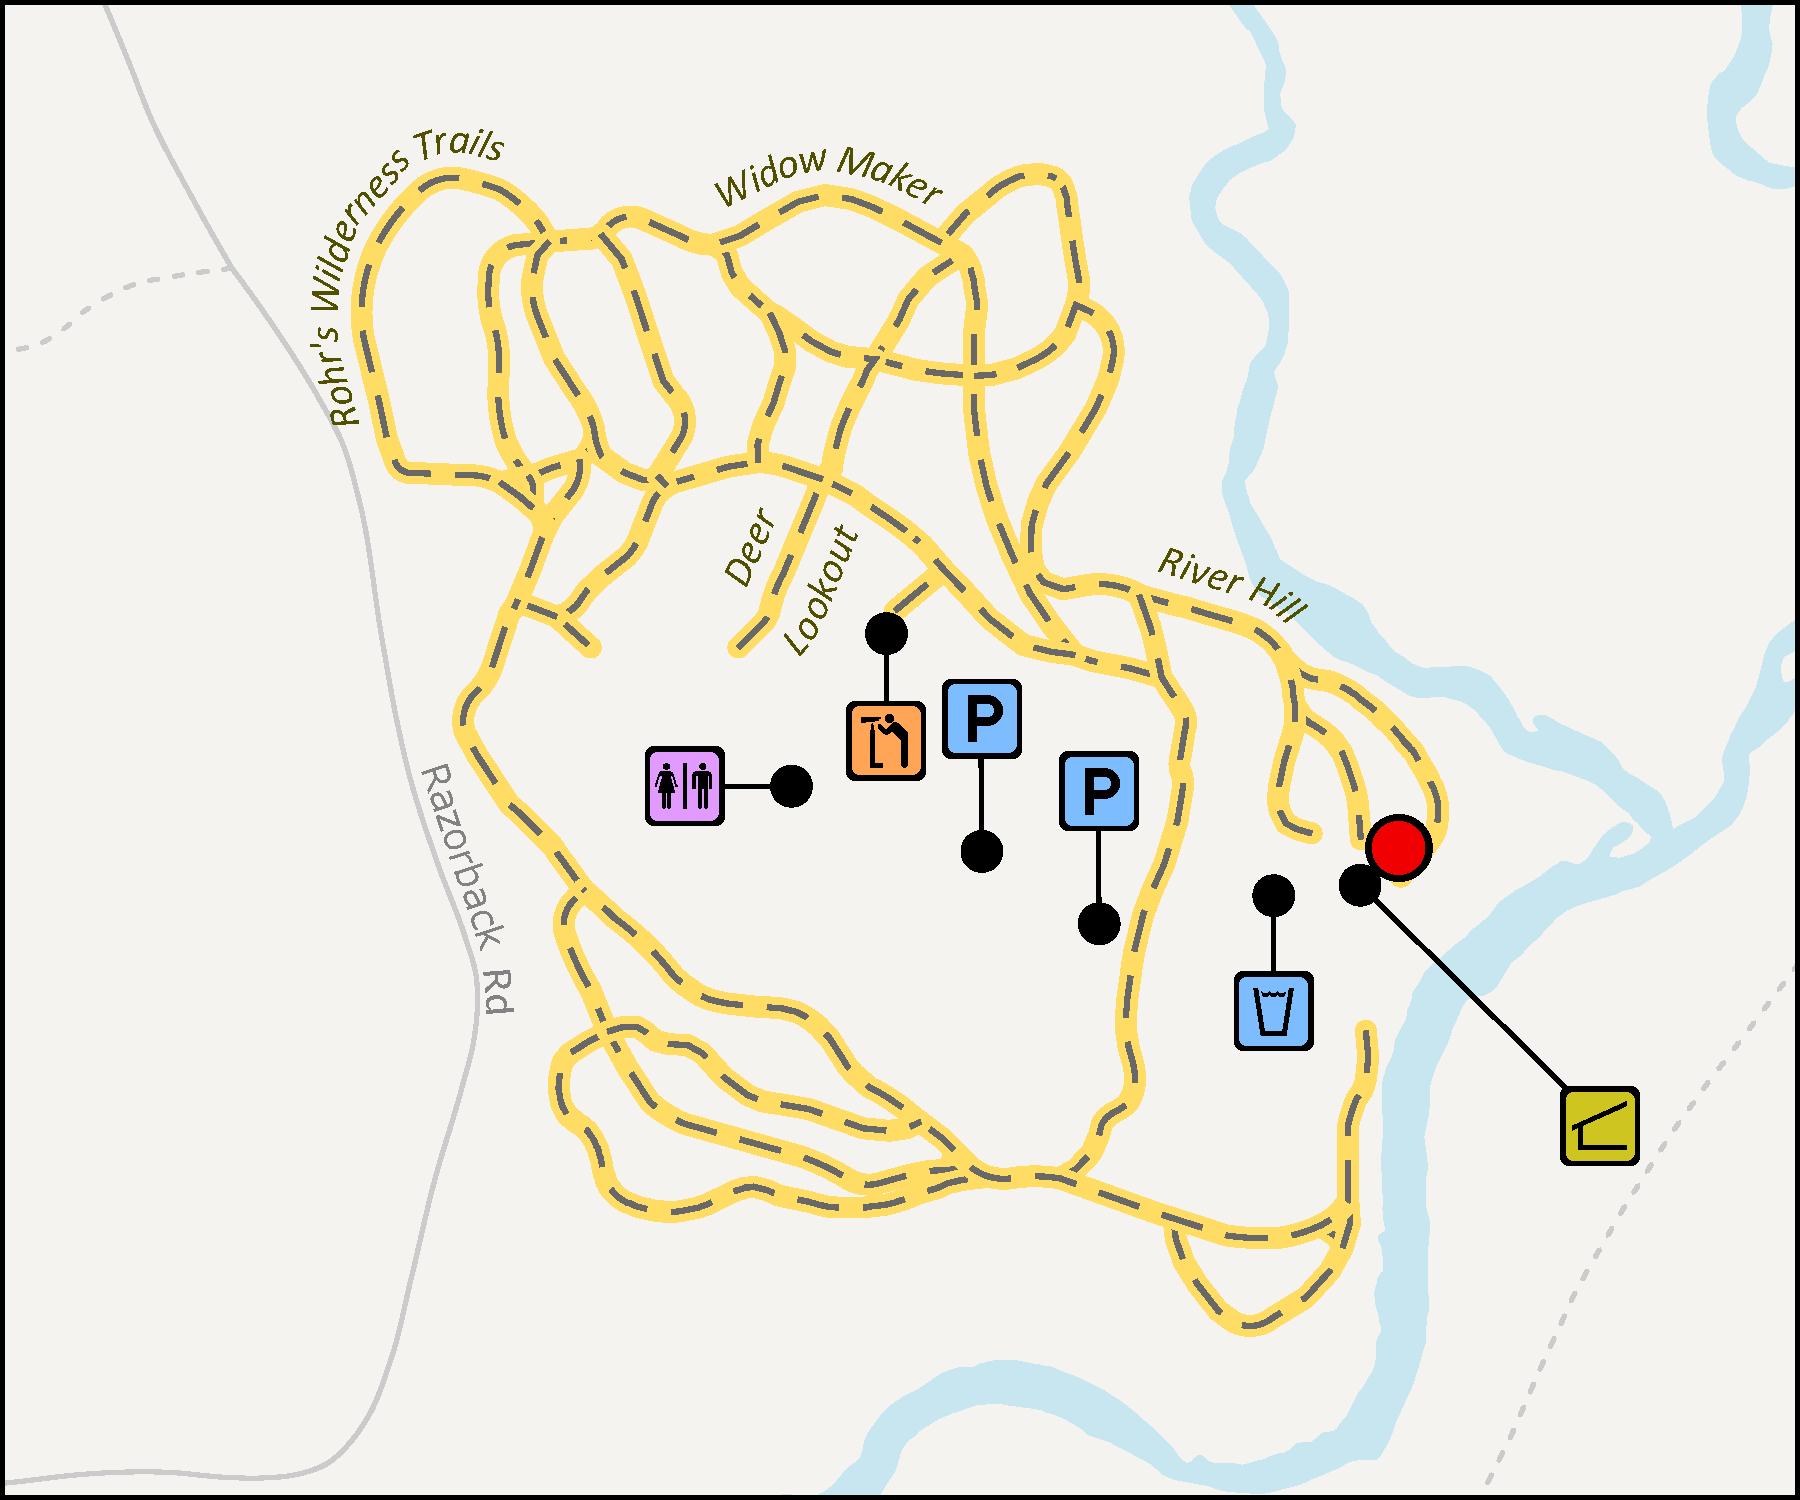 Rohr's Wilderness Trails